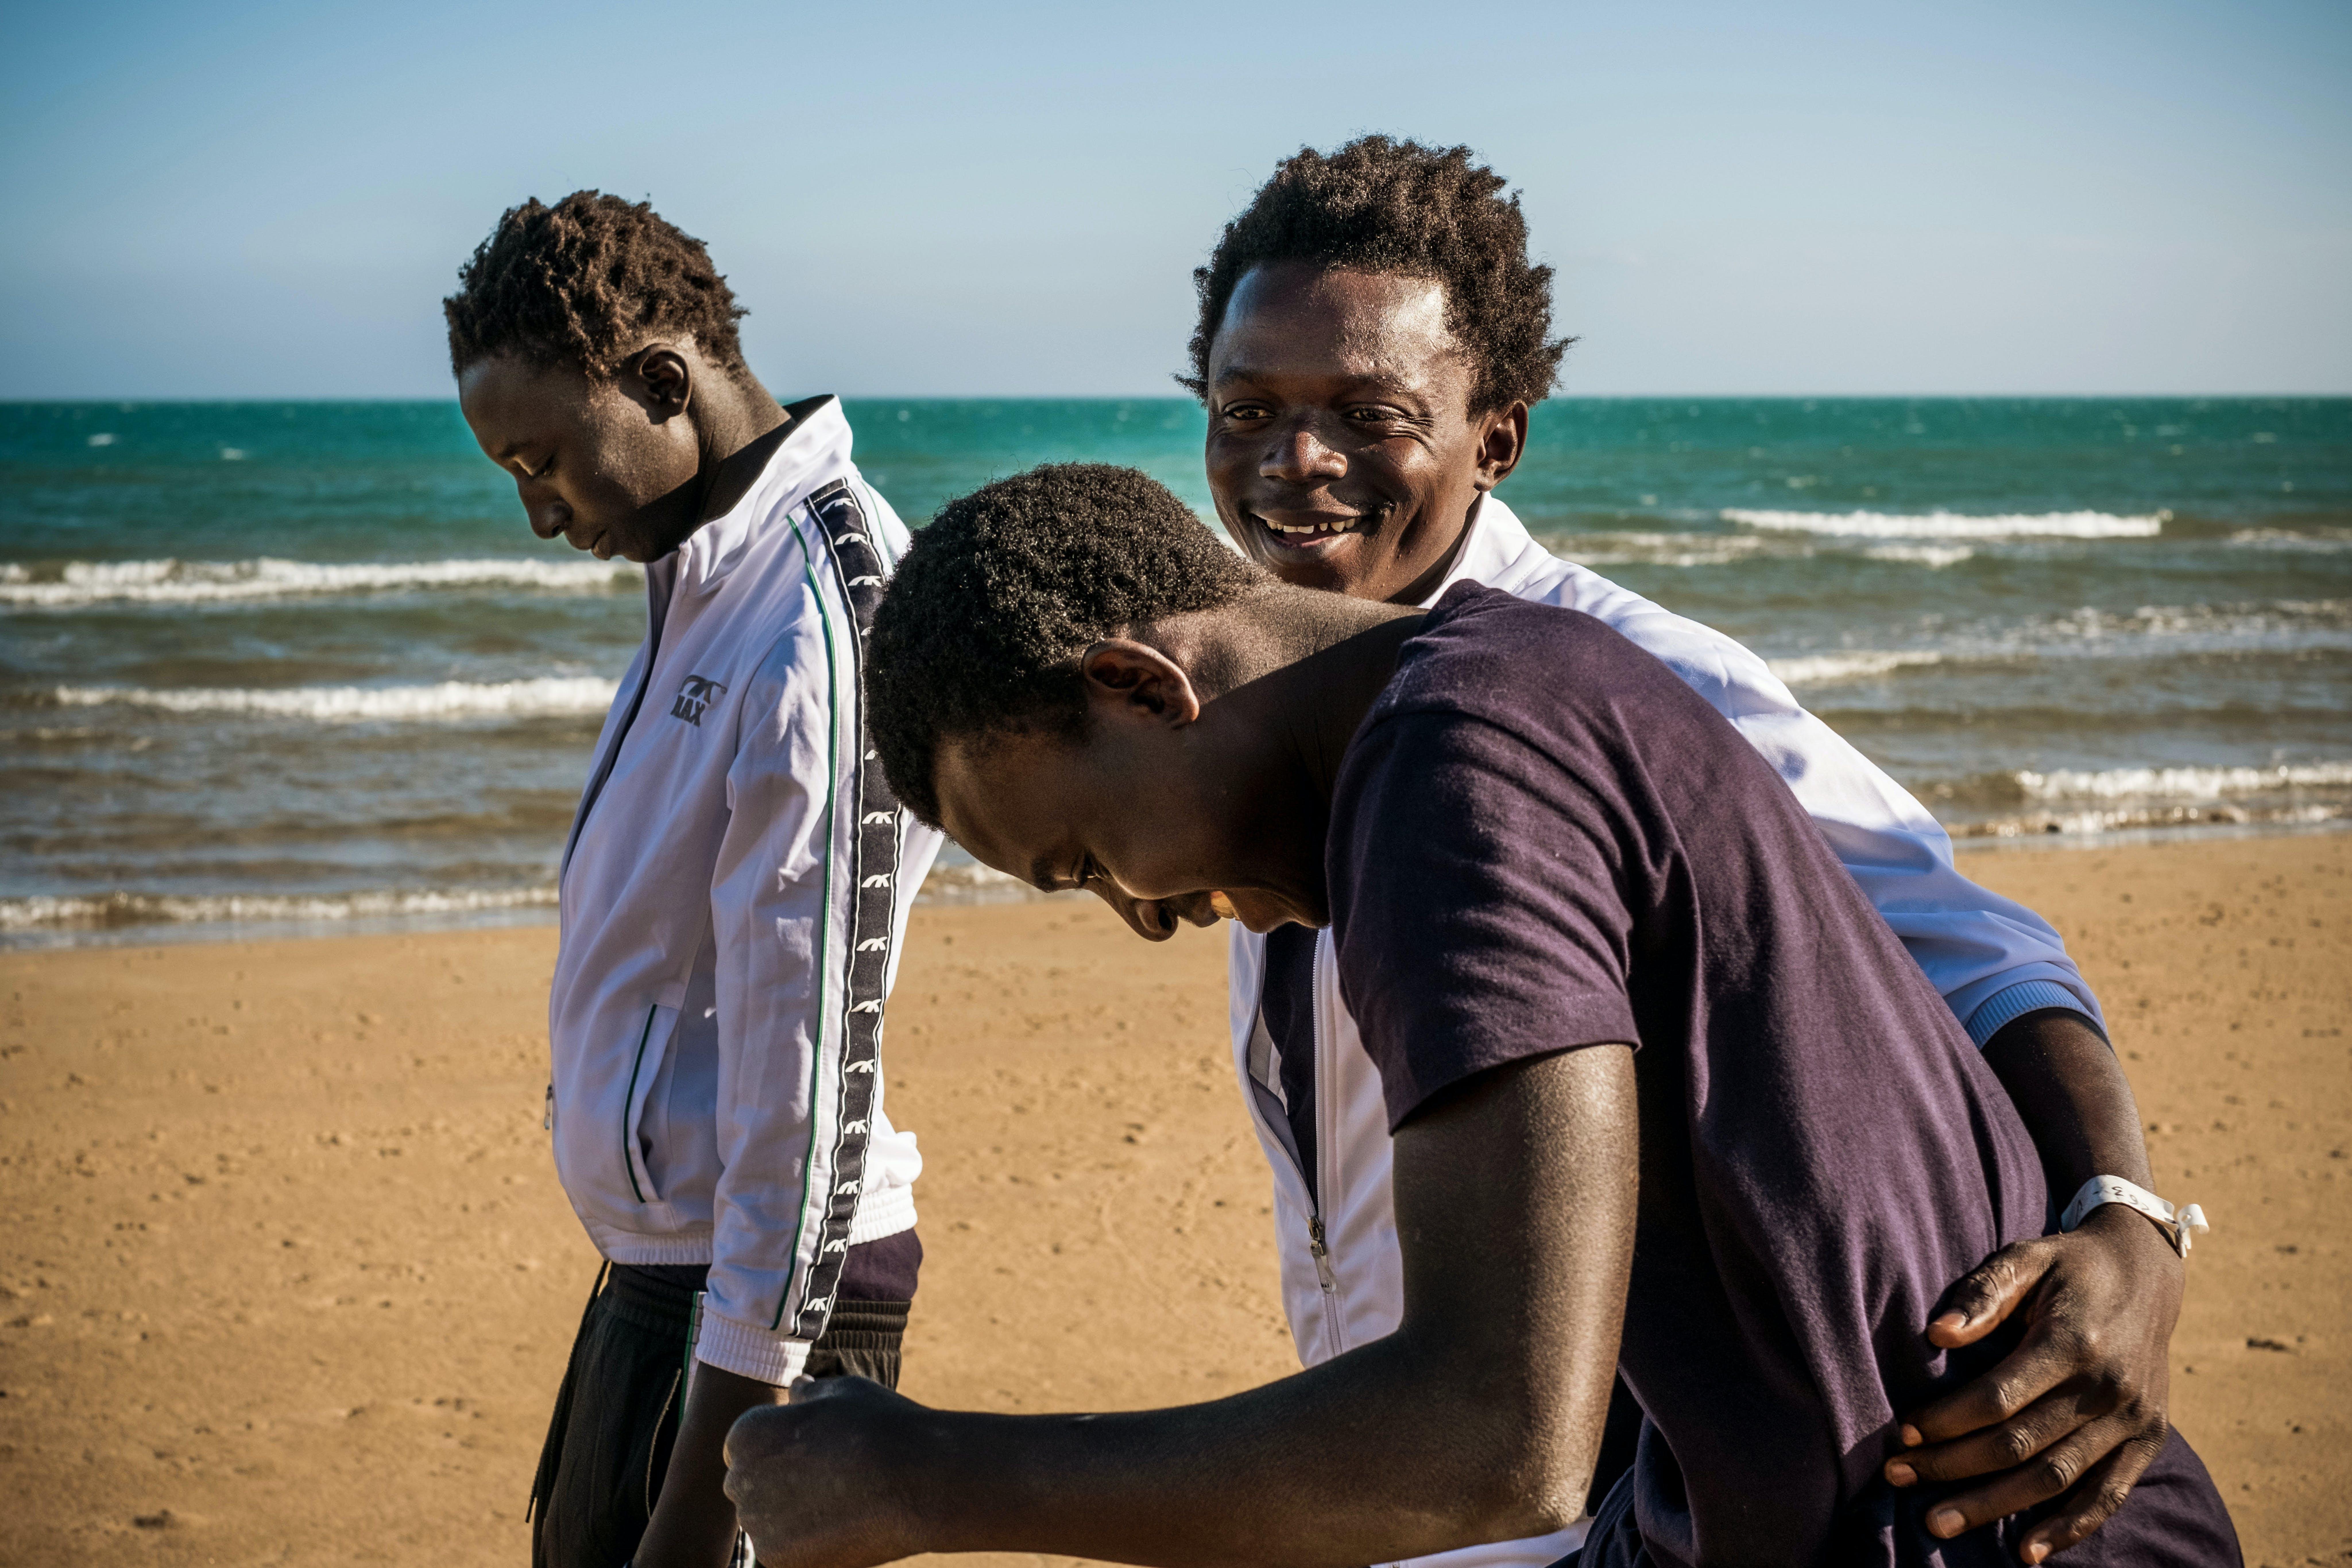 Mohammad (centro), 17, Sanna (destra), 17, e Fodaoi (sinistra), 14, camminano sulla spiaggia a Pozzallo, Sicilia. UNICEF/Gilbertson.